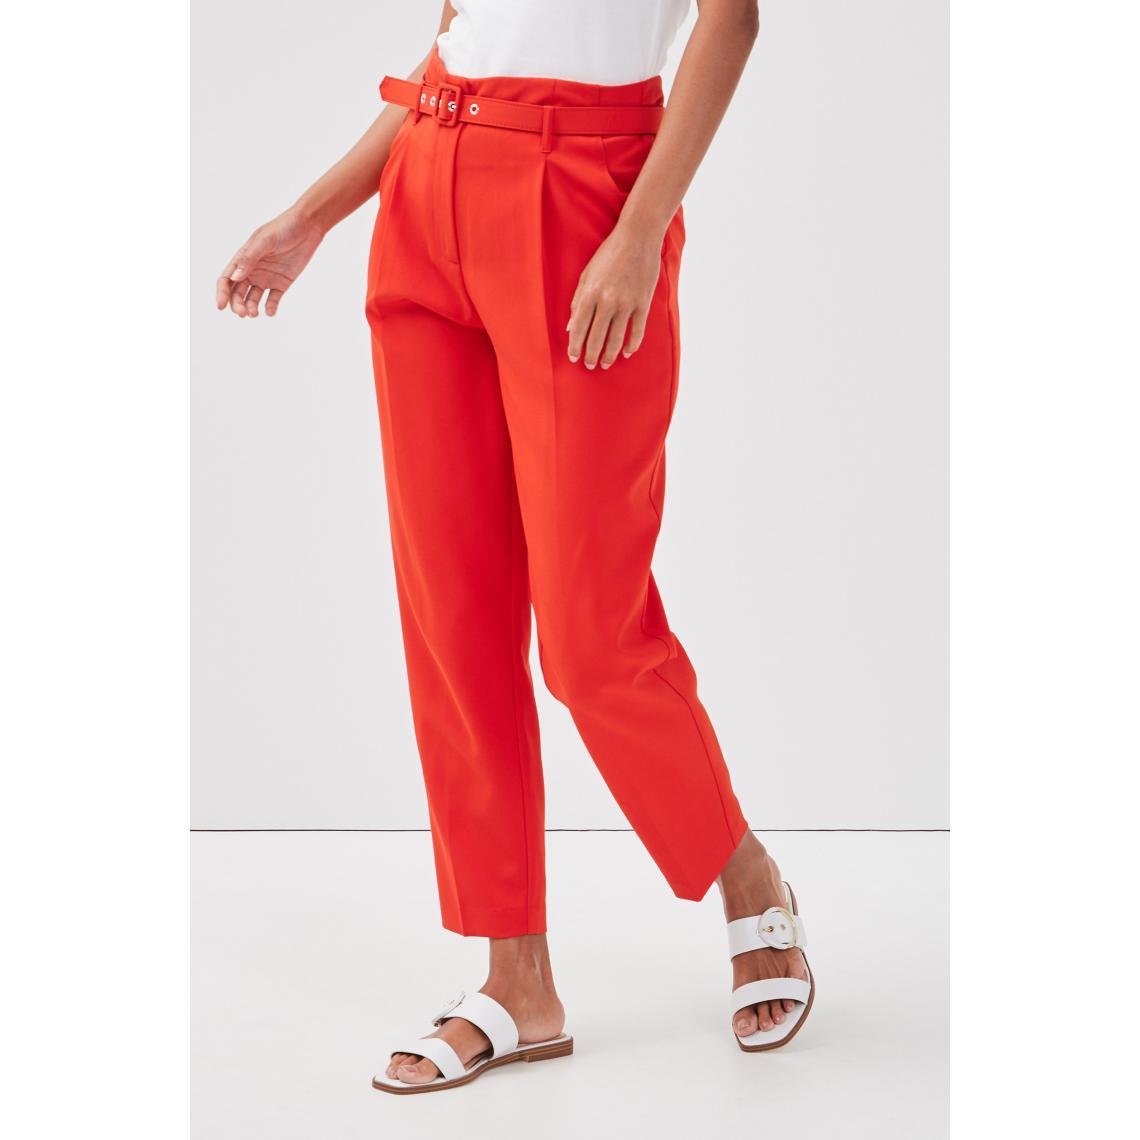 Pantalon droit ceinturé - Cache cache - Modalova